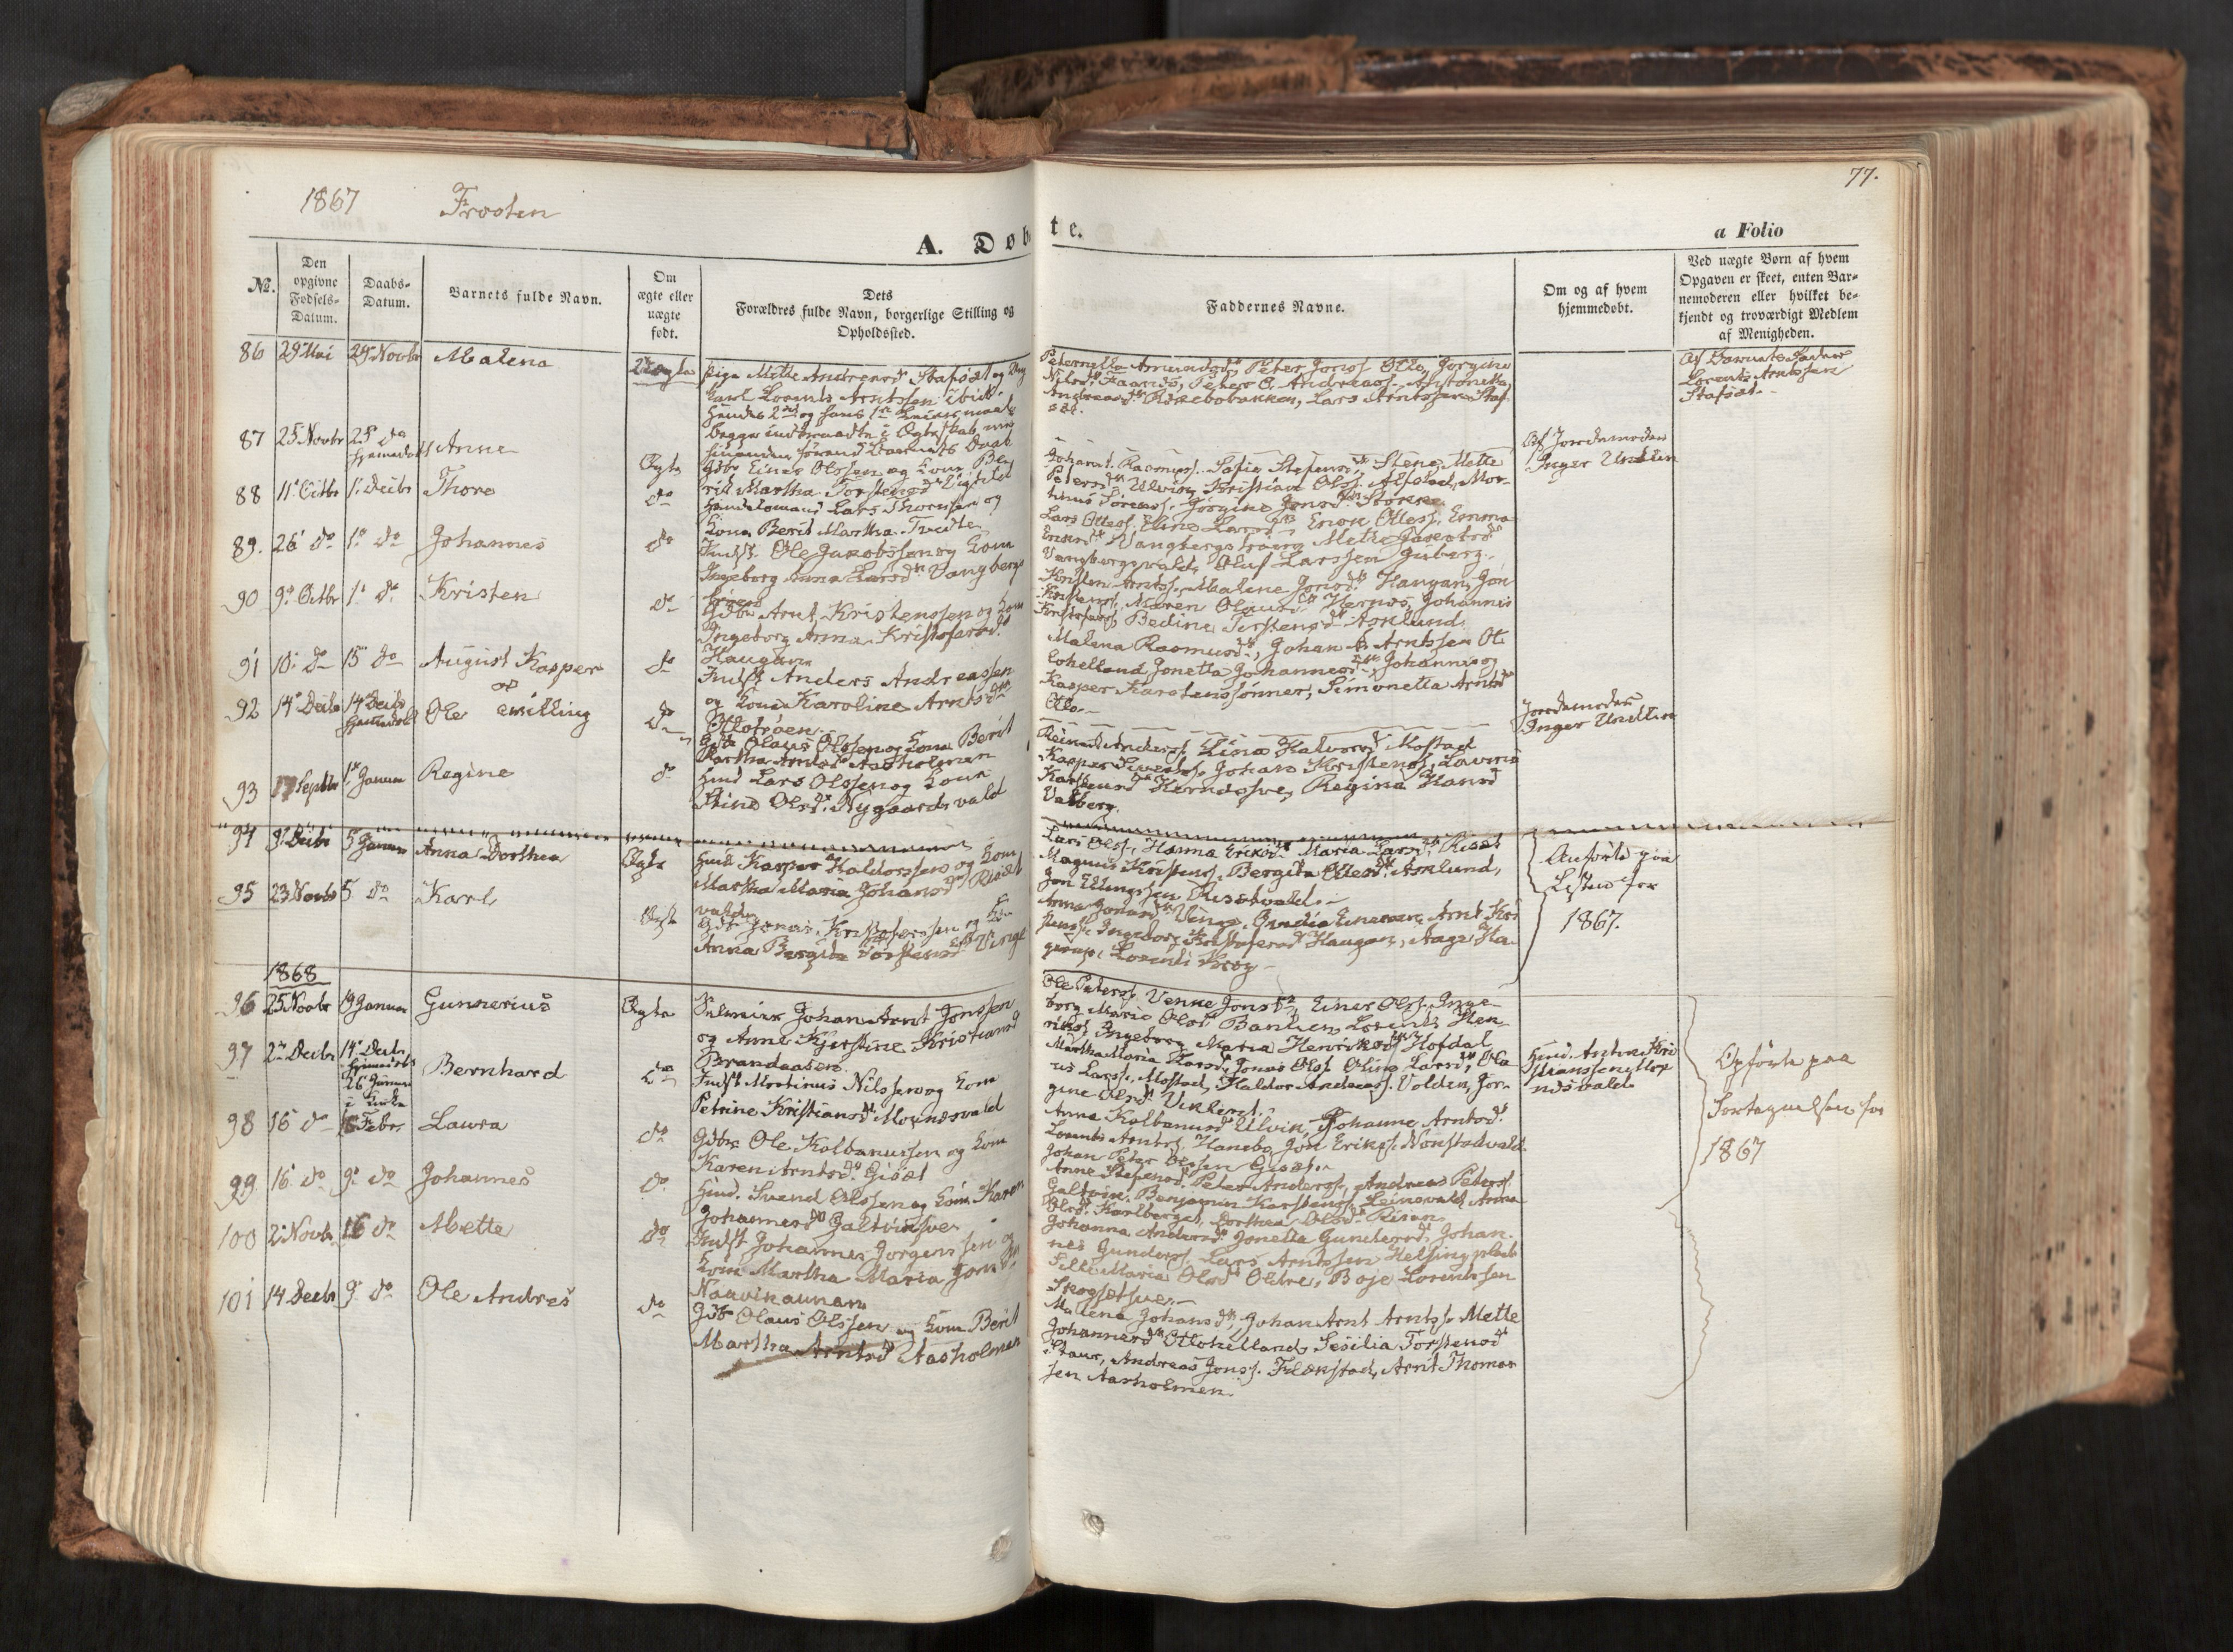 SAT, Ministerialprotokoller, klokkerbøker og fødselsregistre - Nord-Trøndelag, 713/L0116: Ministerialbok nr. 713A07, 1850-1877, s. 77